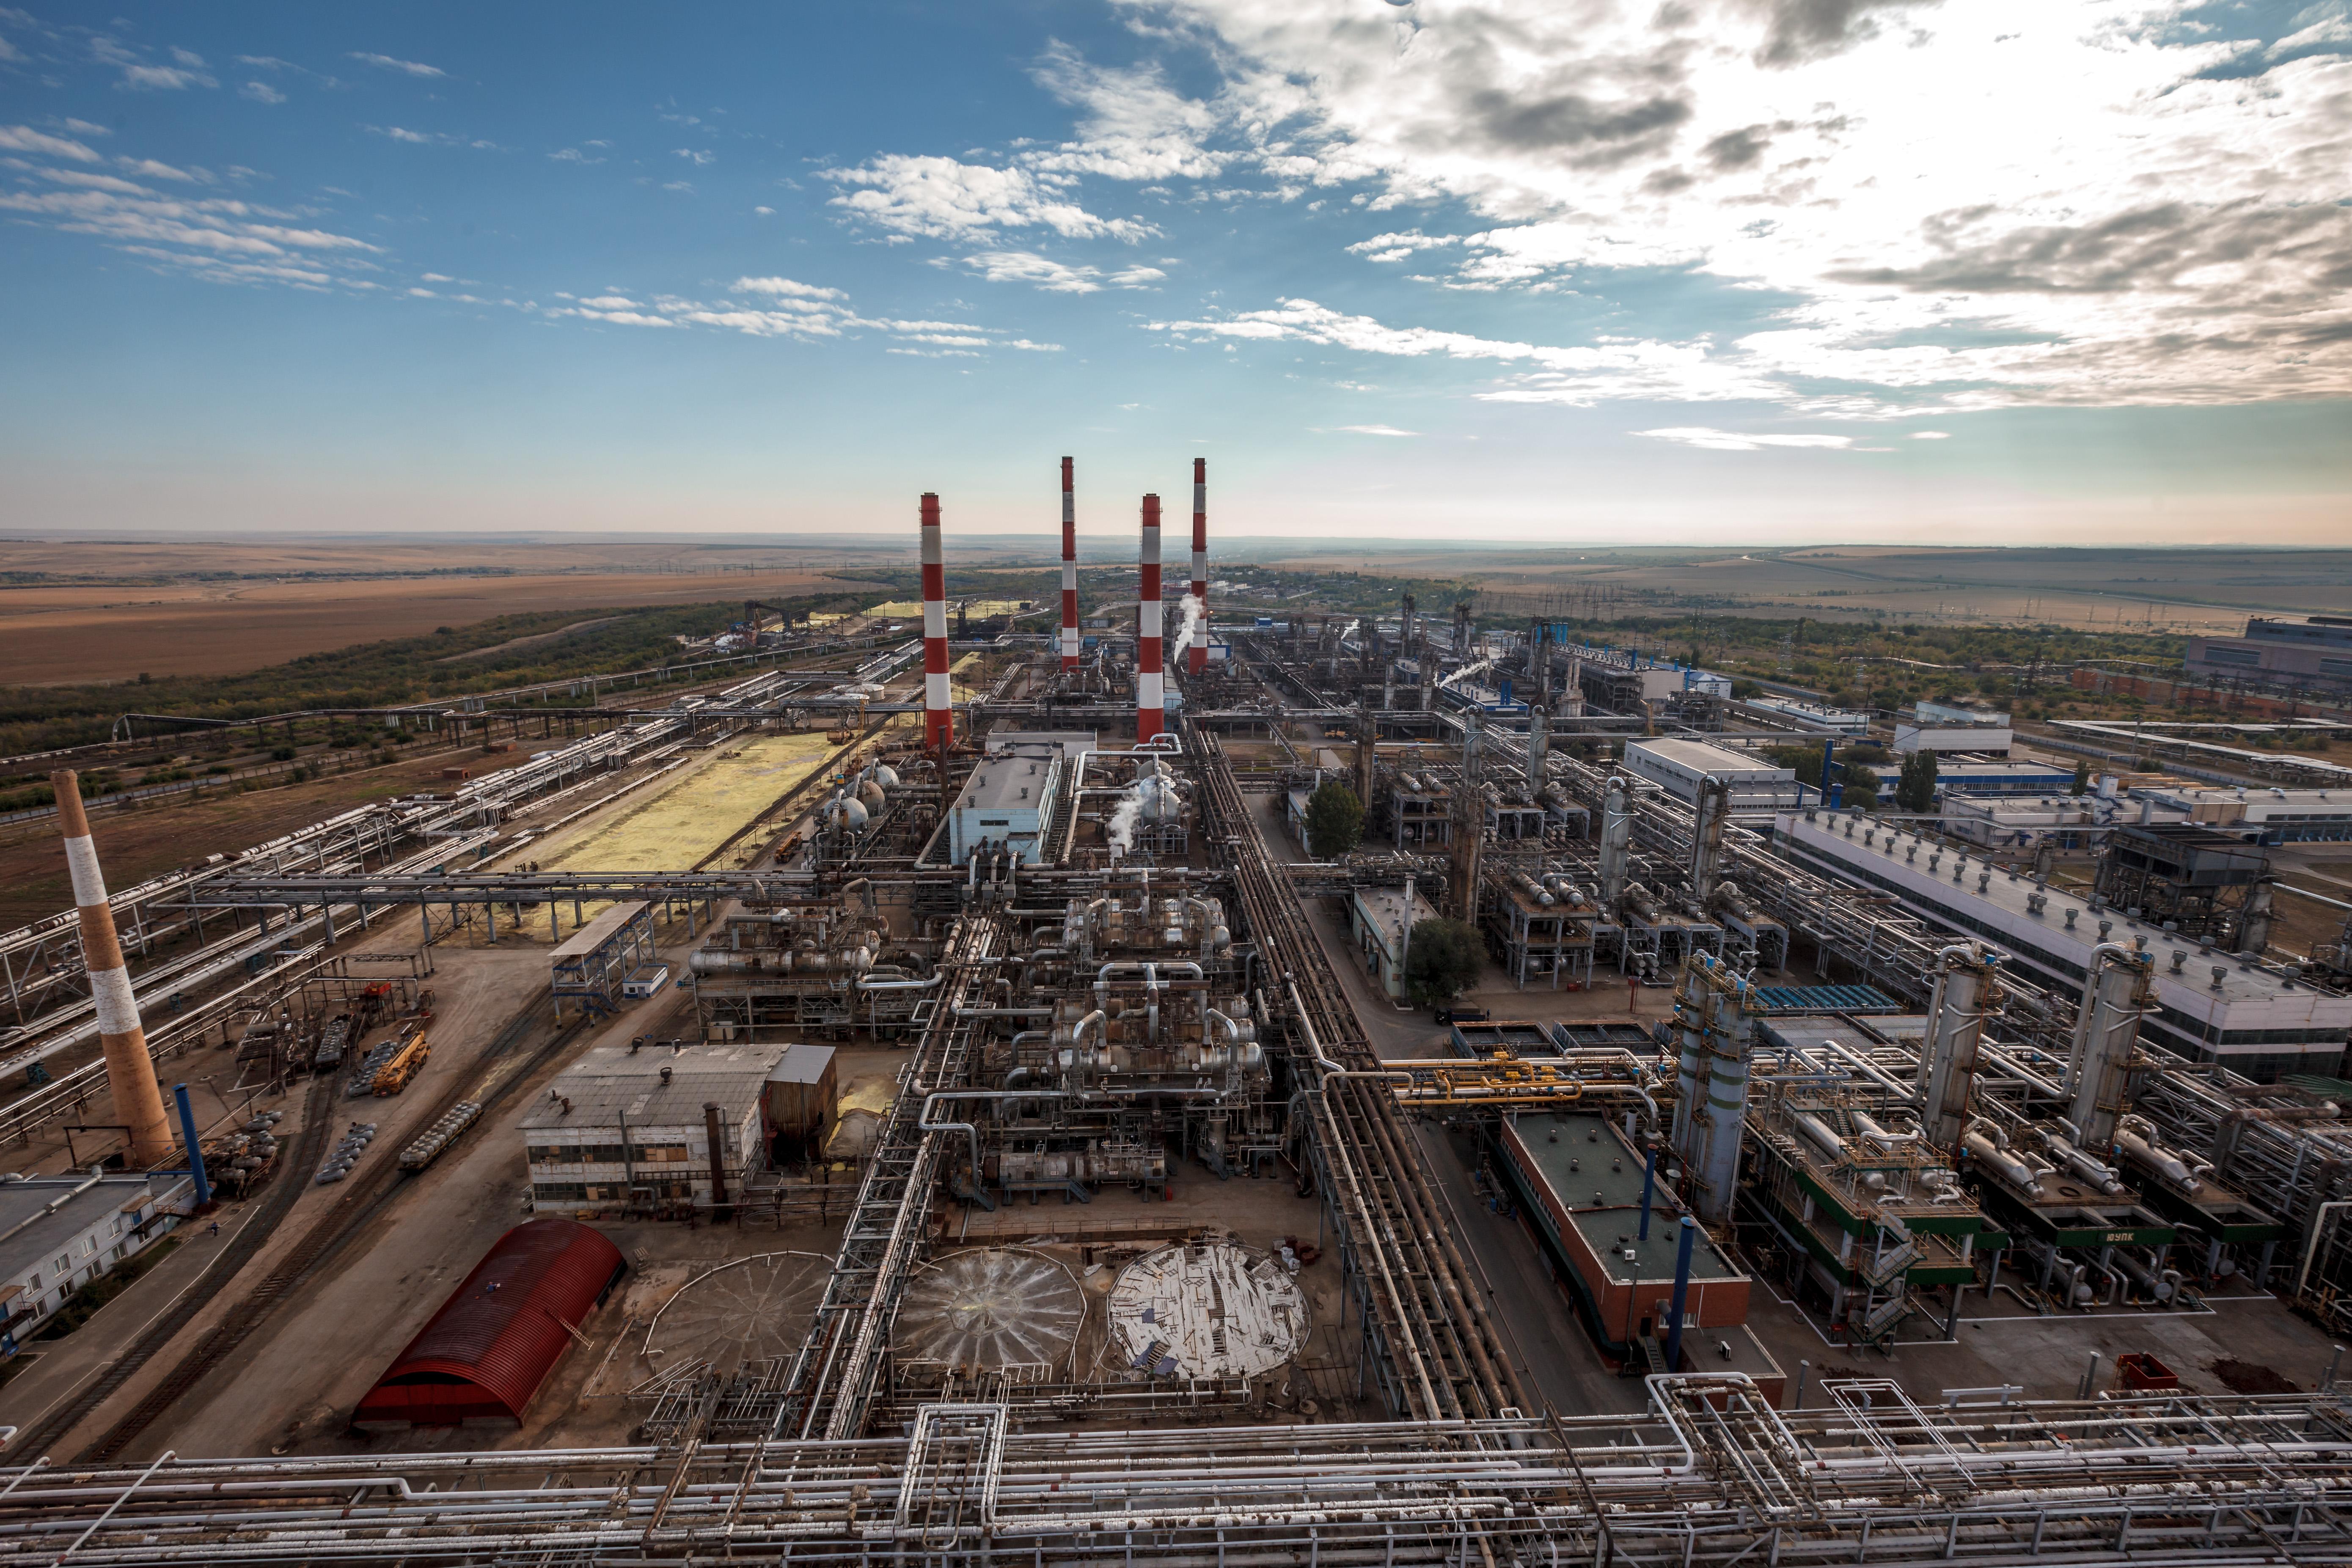 Около 30 предприятий участвуют в строительстве самого мощного в мире завода по переработке природног